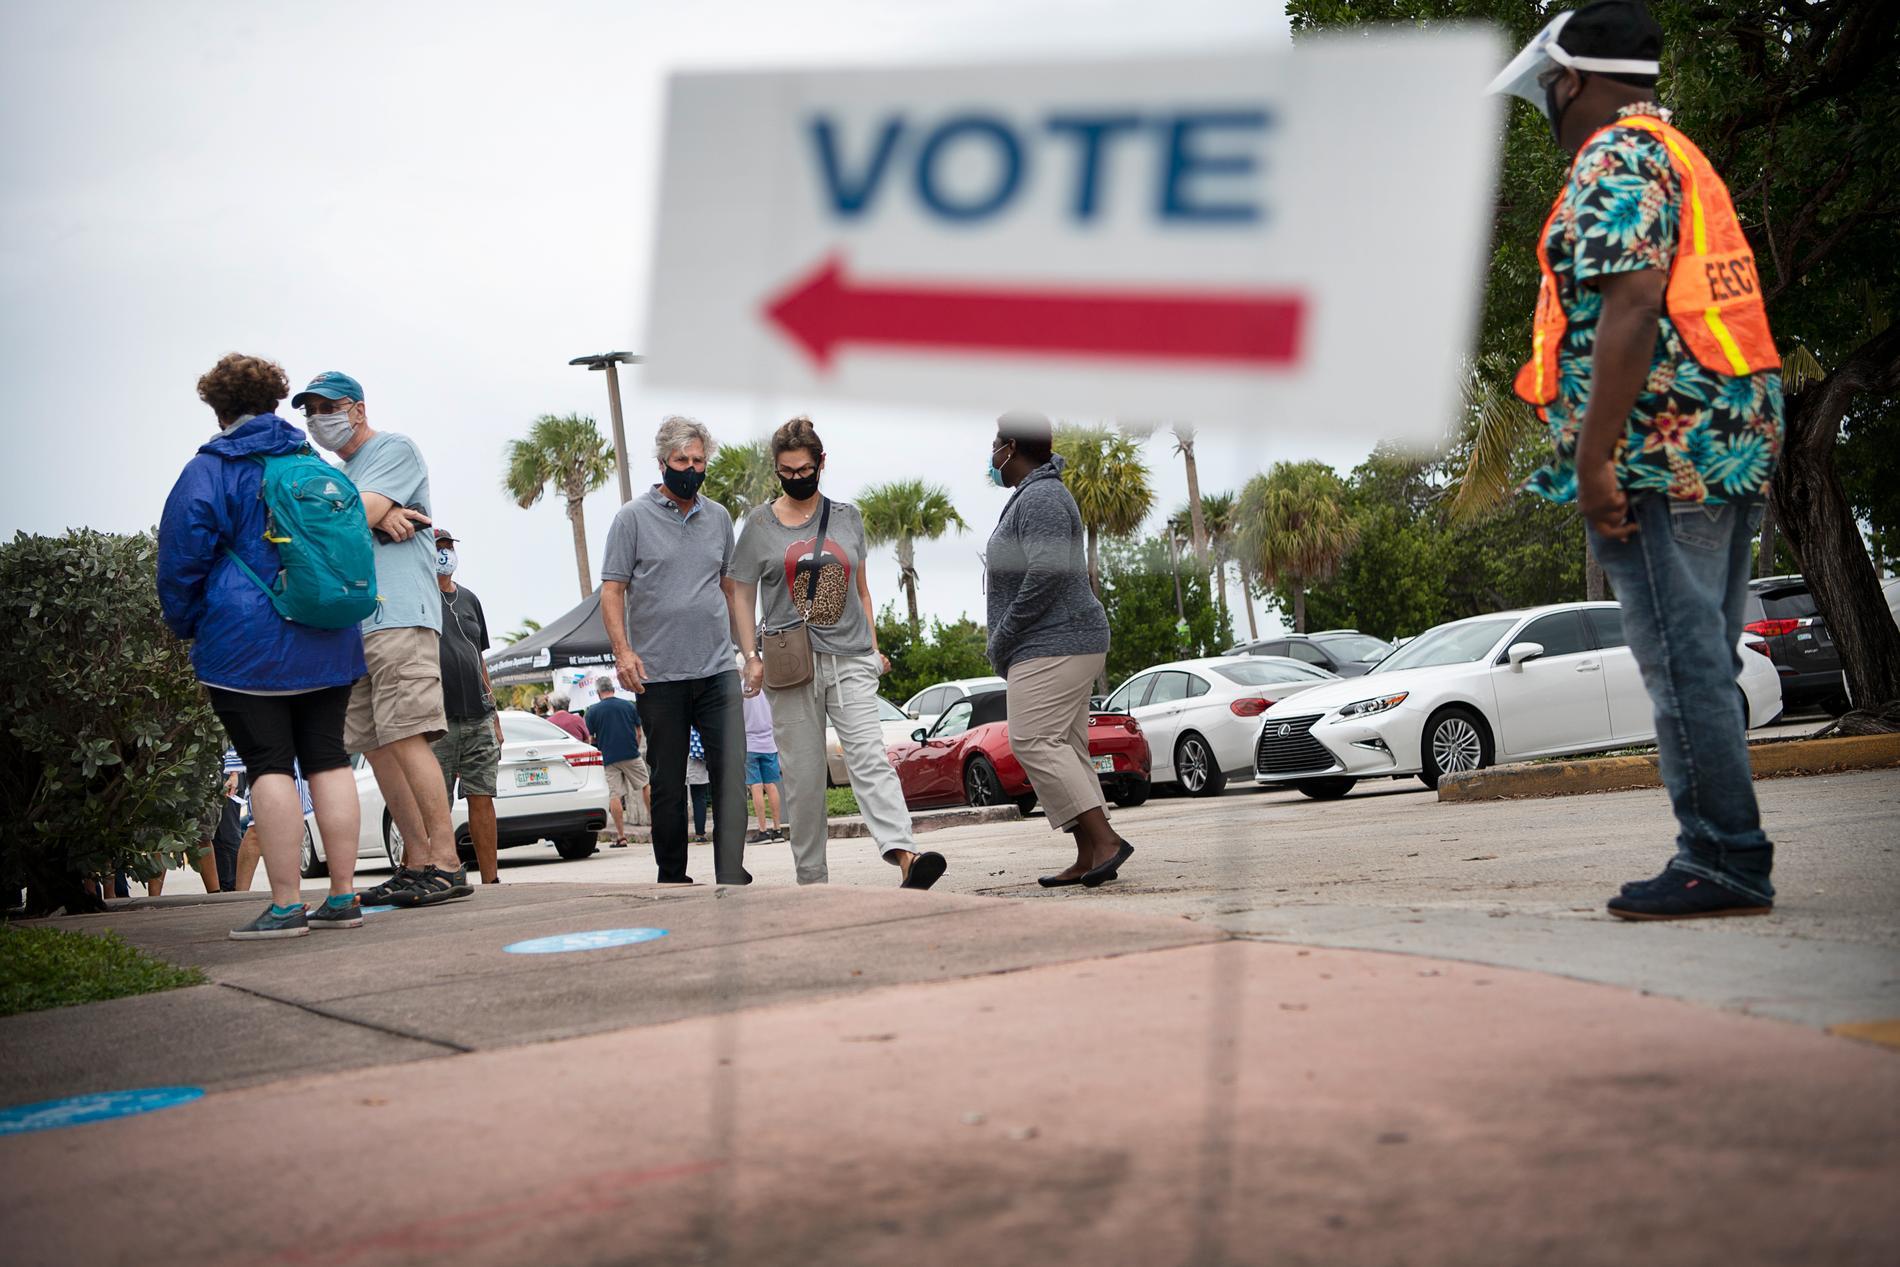 Många, särskilt de äldre, är orliga för att vänta till valdagen då köerna är extra långa och risken för att bli smittad extra stor.